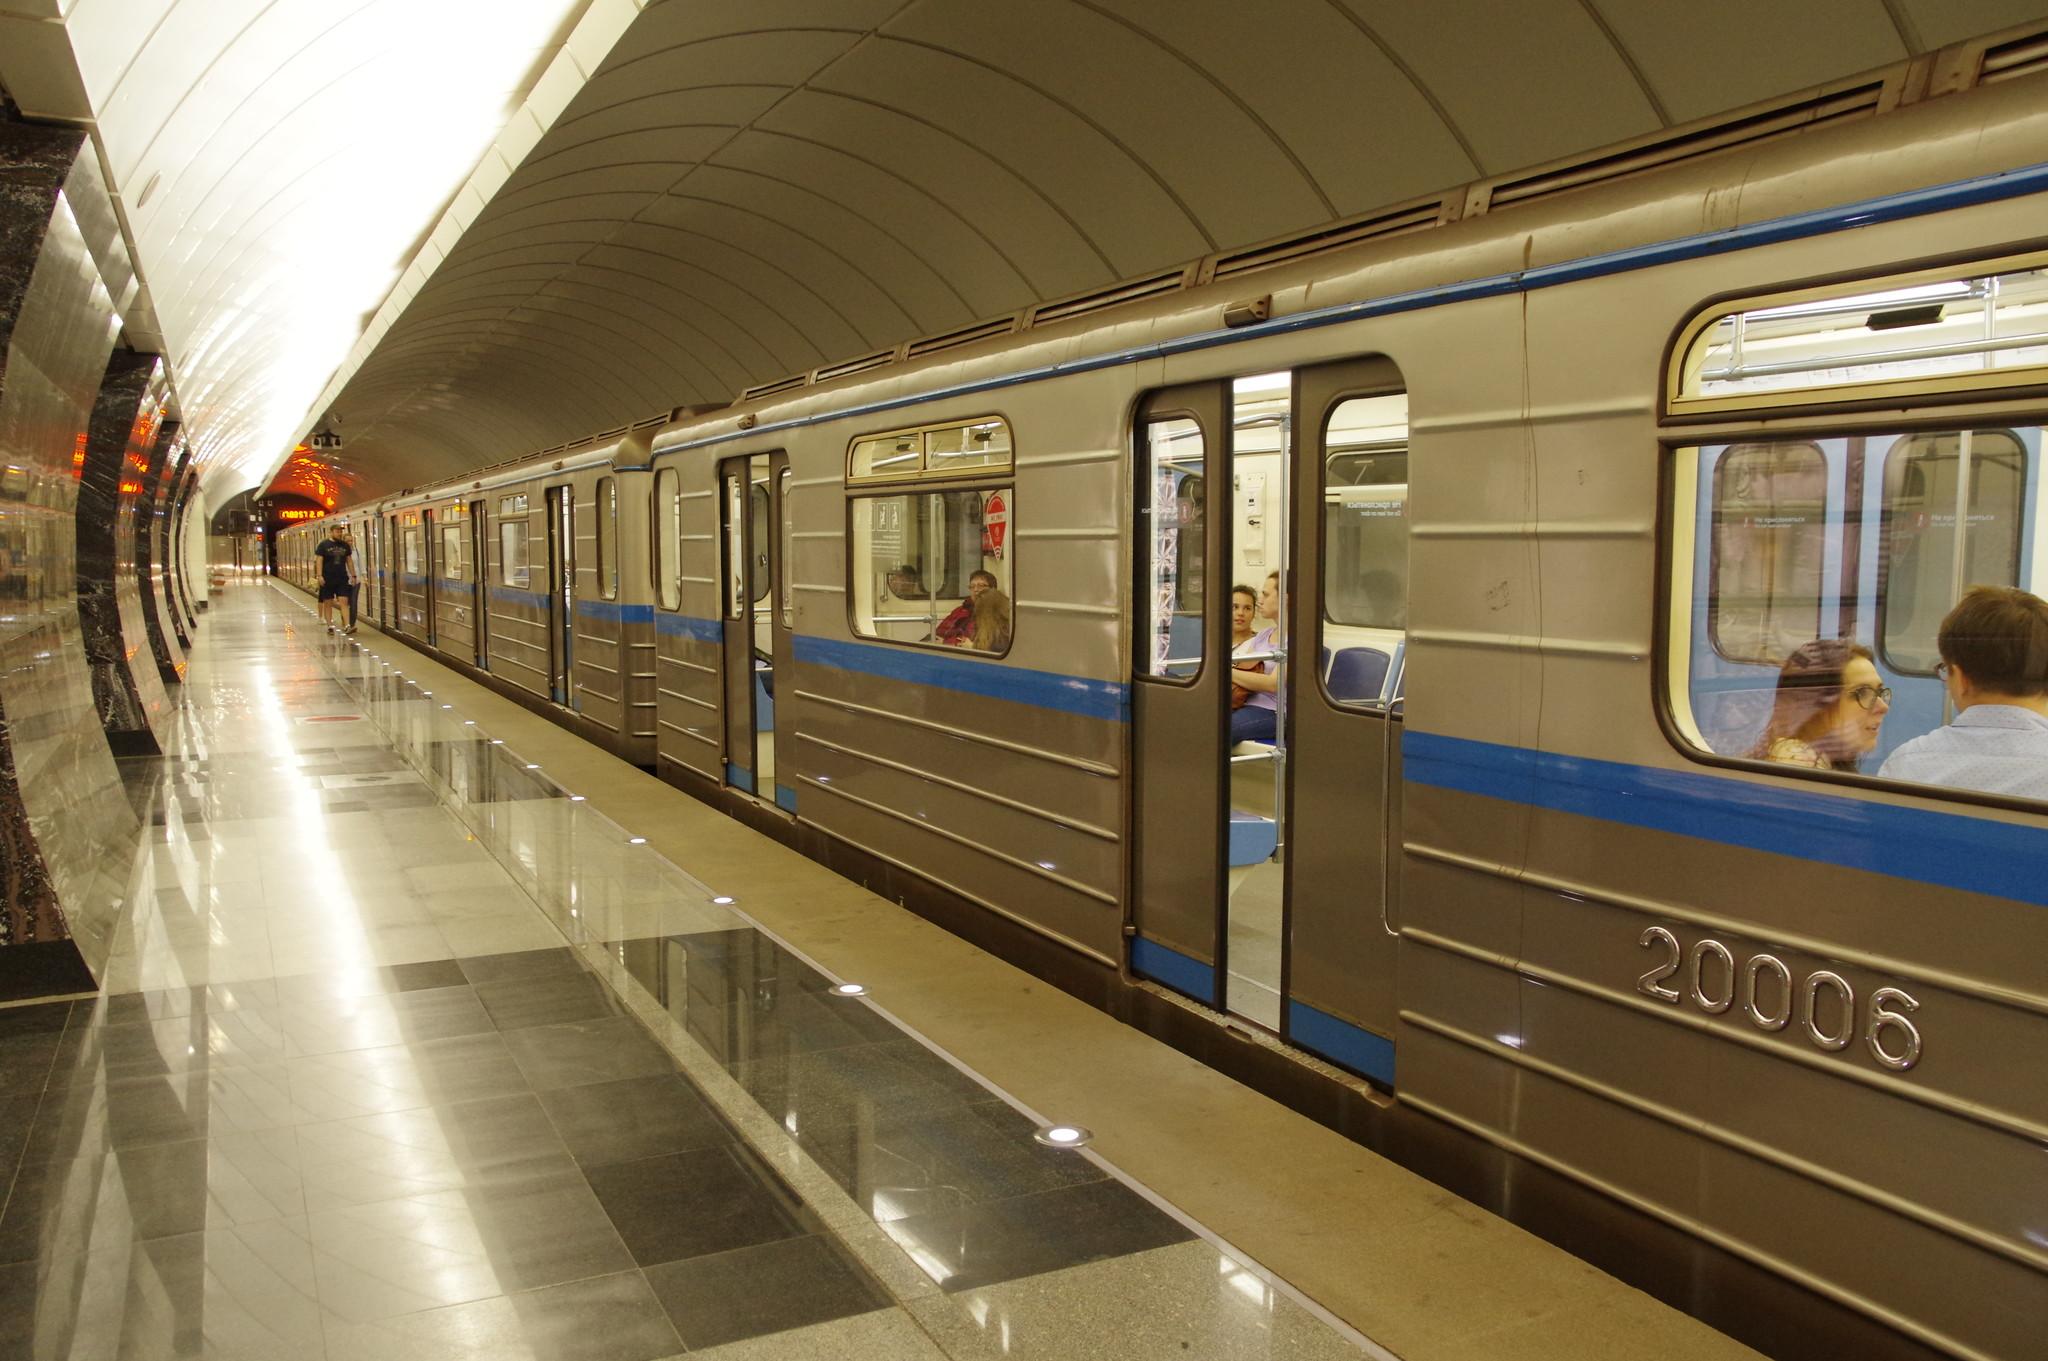 остав из вагонов 81-717.6/714.6 с номерами 27001-27002 (головные вагоны), 20001-20006 (промежуточные вагоны) на станции метро «Фонвизинская»